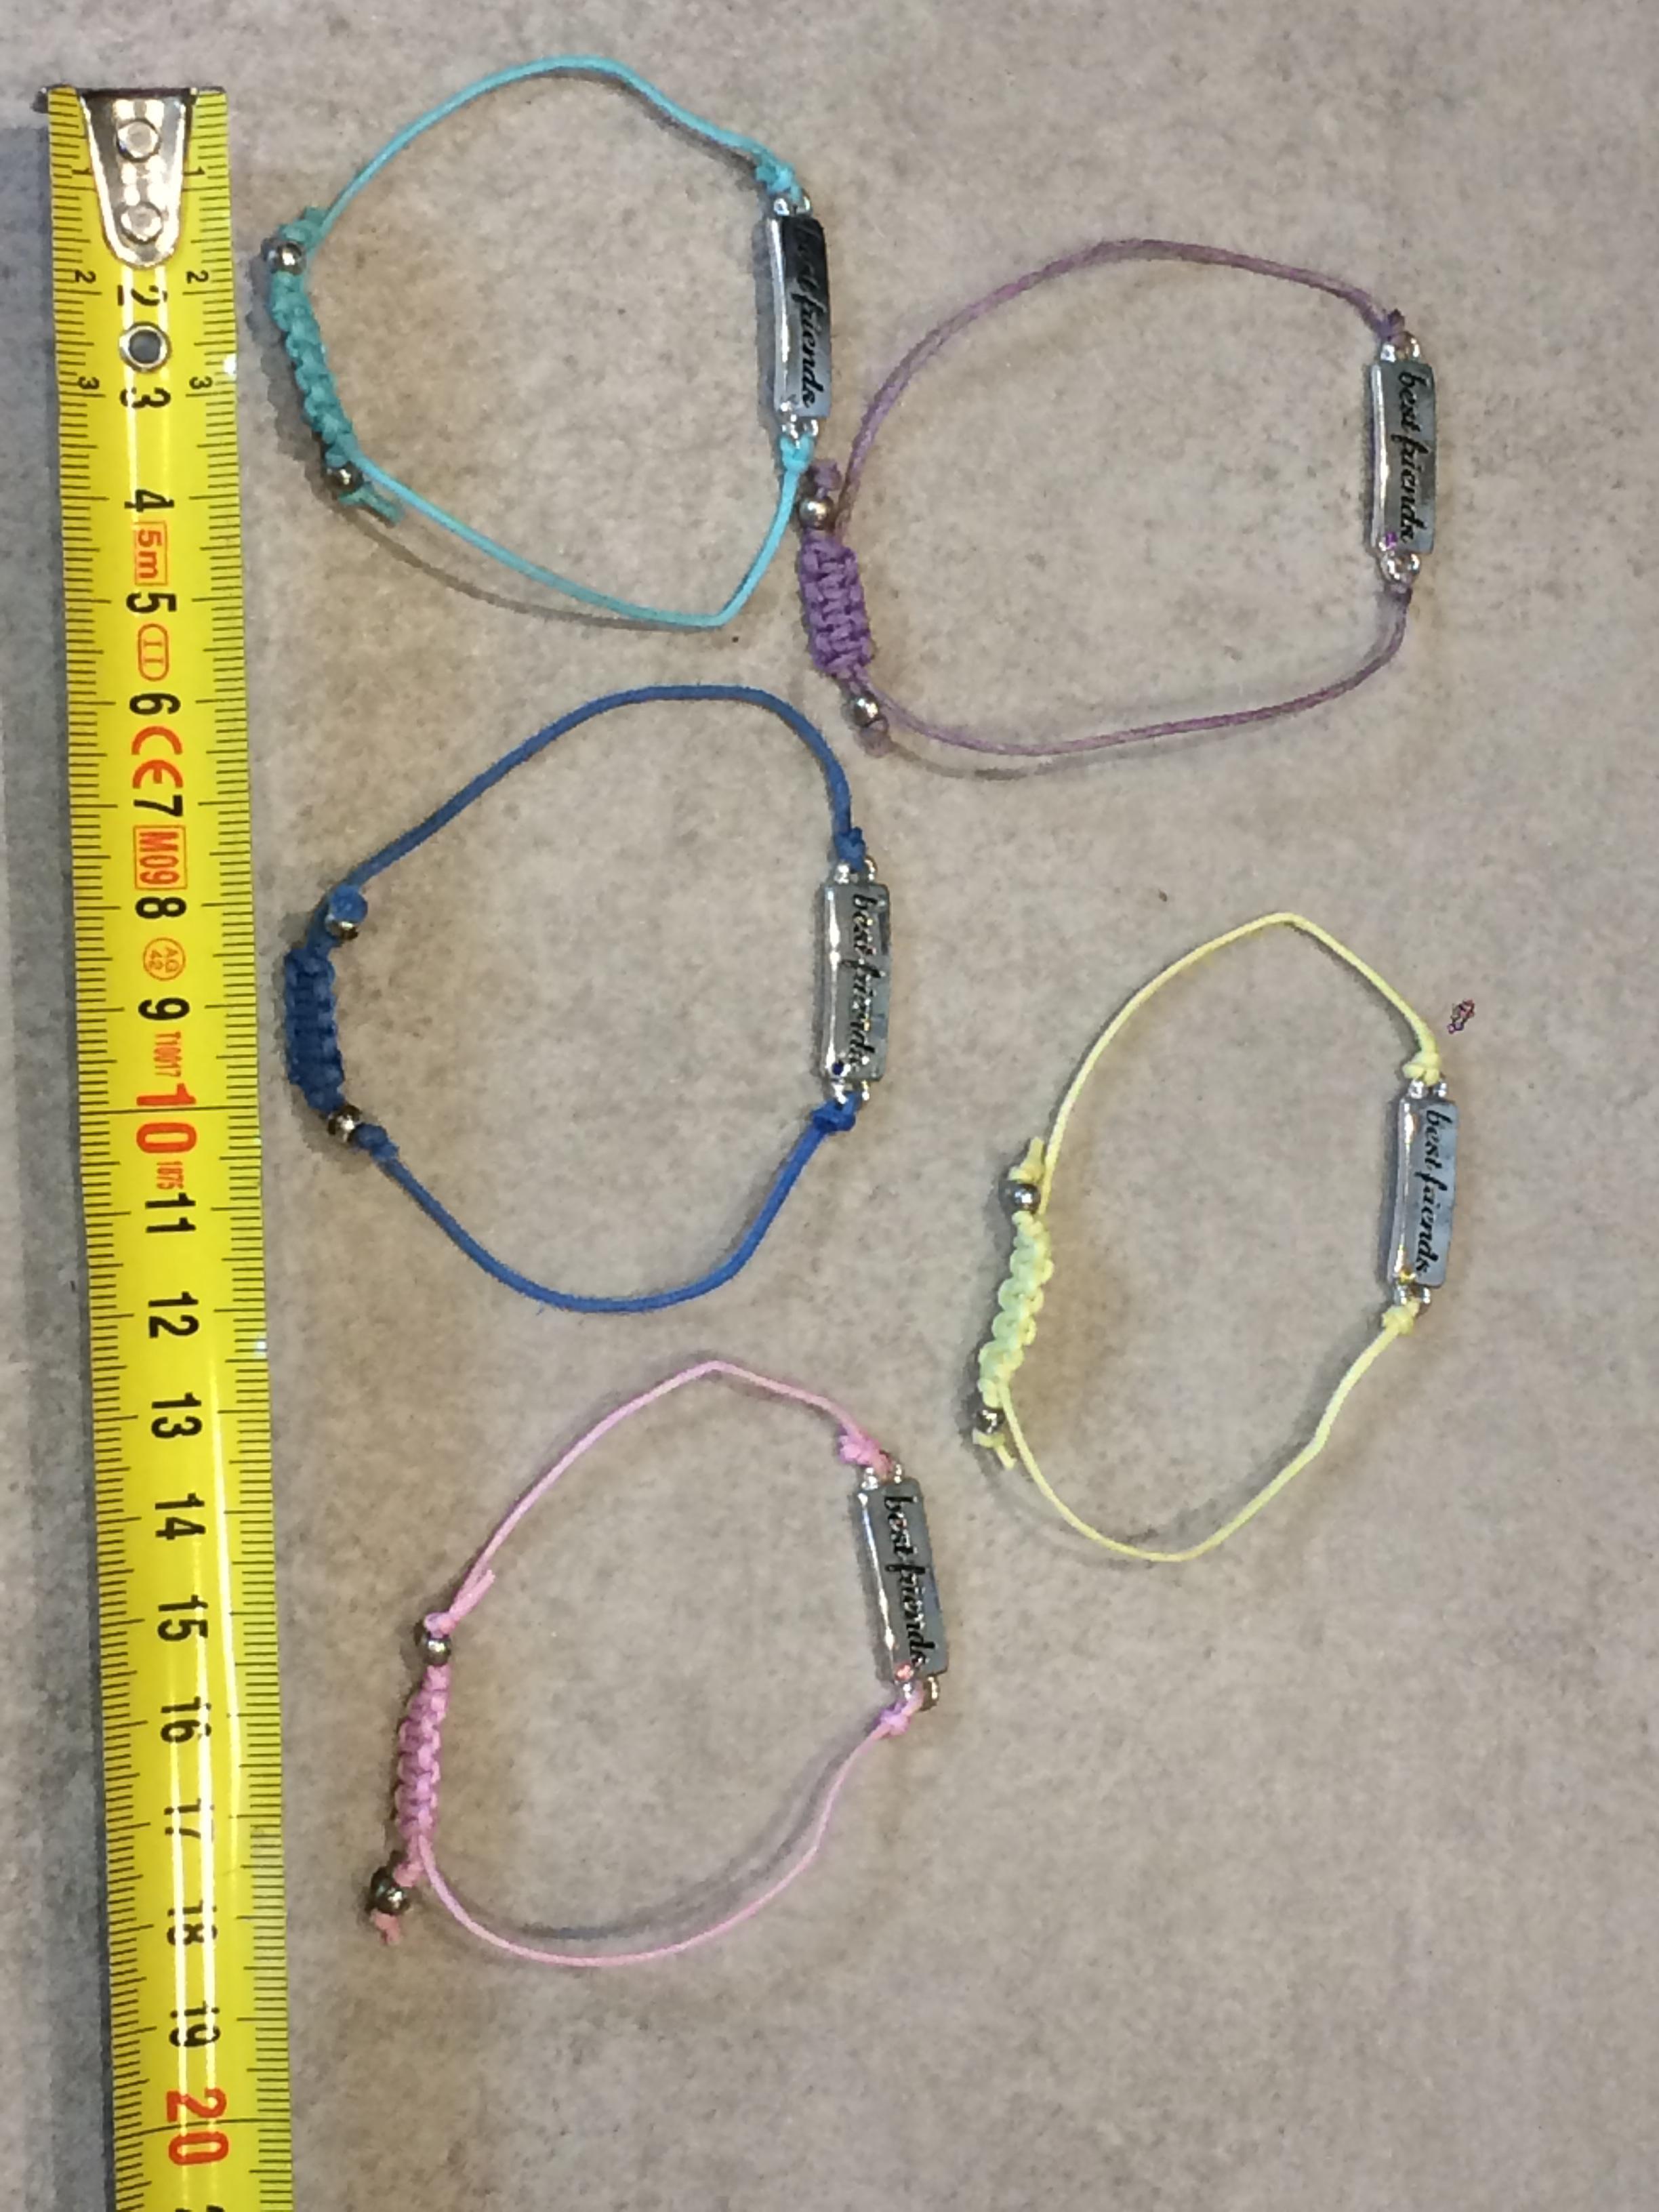 troc de troc 5 bracelets best friends image 0